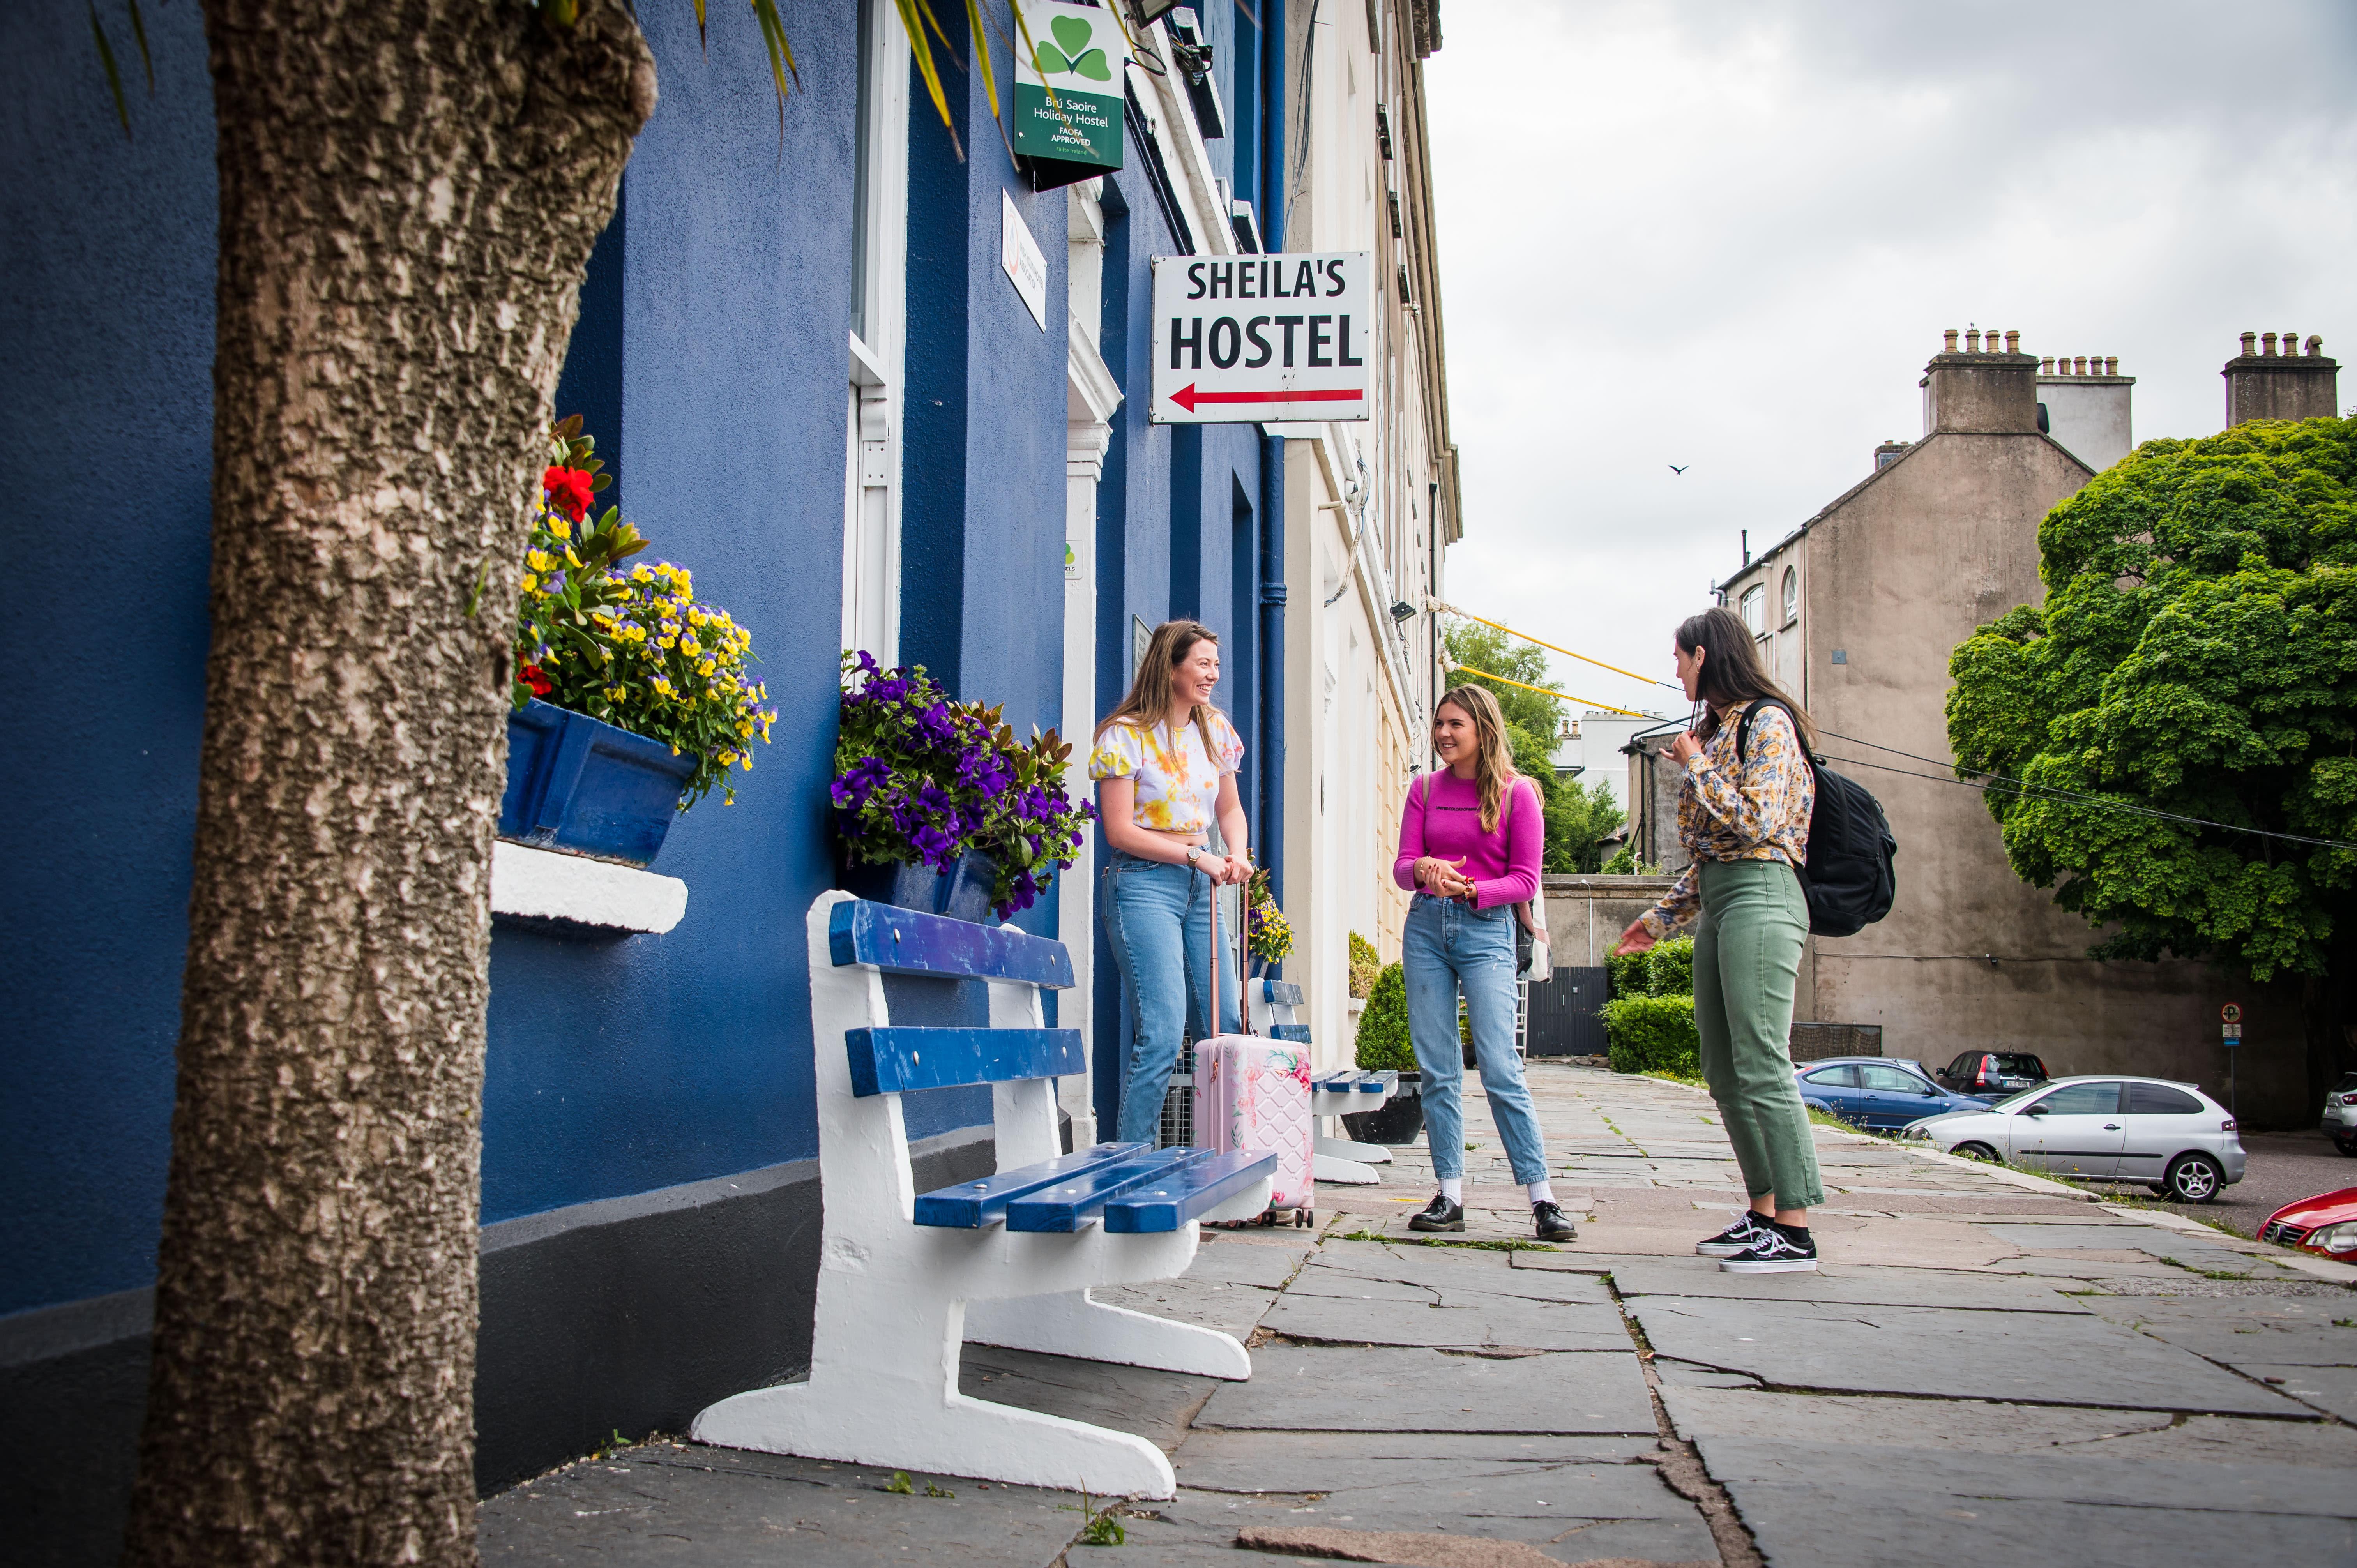 Sheilas Cork Hostel